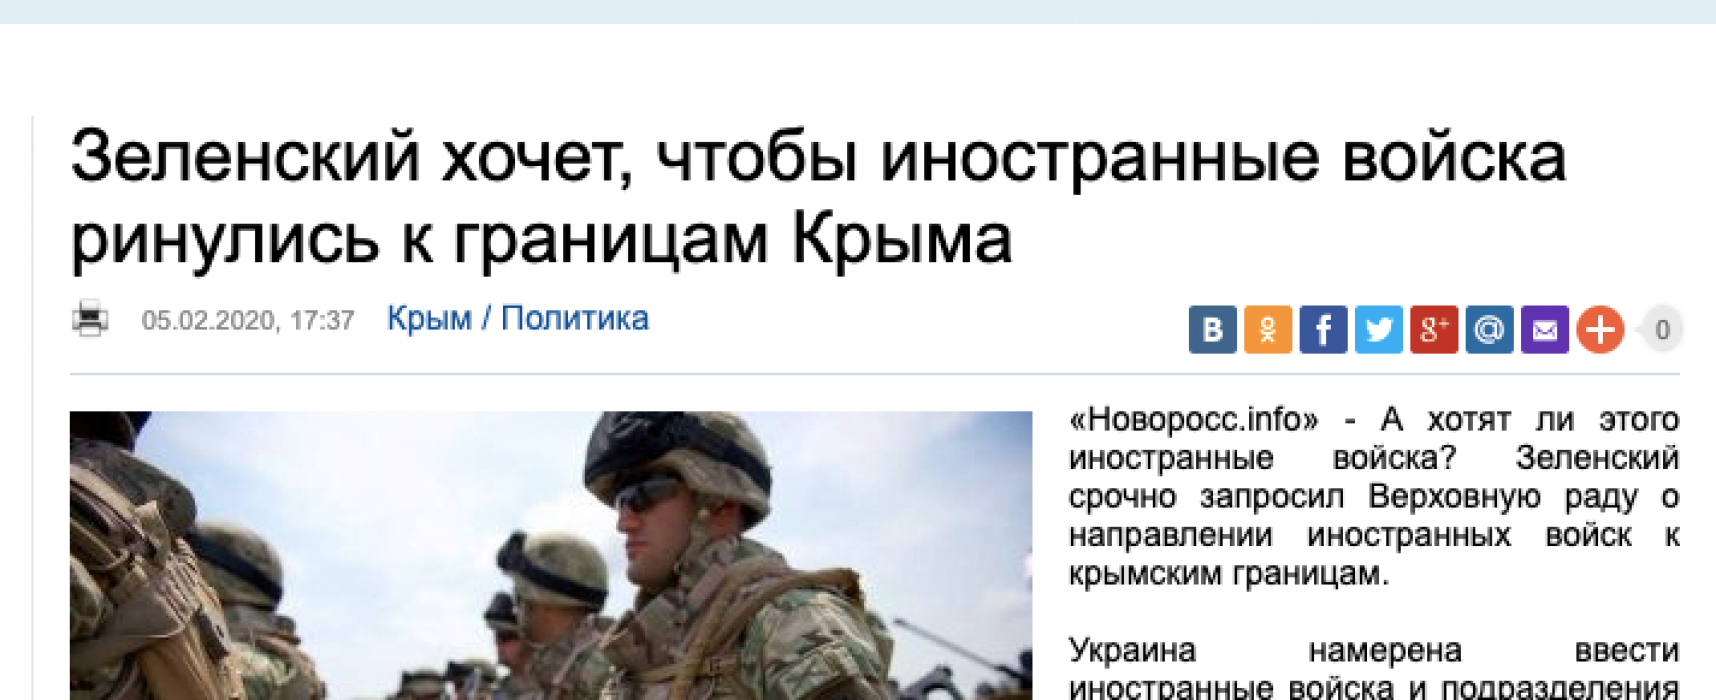 Фейк: Президент Володимир Зеленський просить ввести іноземні війська в Україну